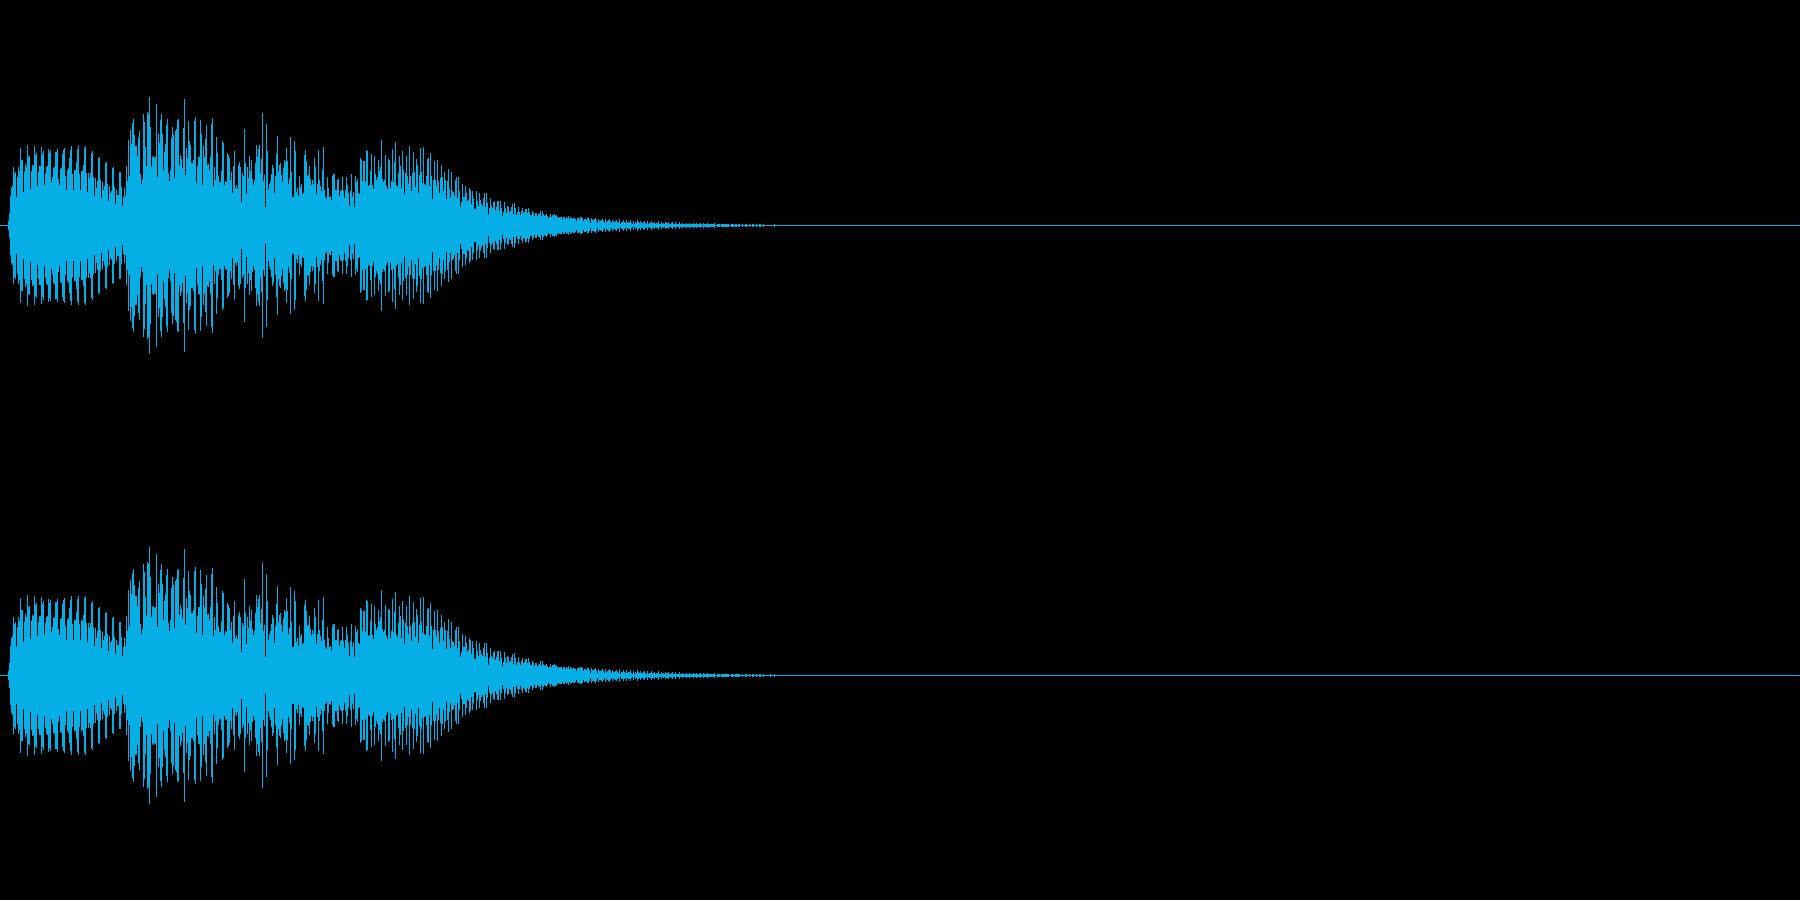 「トリリッ」 決定音 文字表示 の再生済みの波形